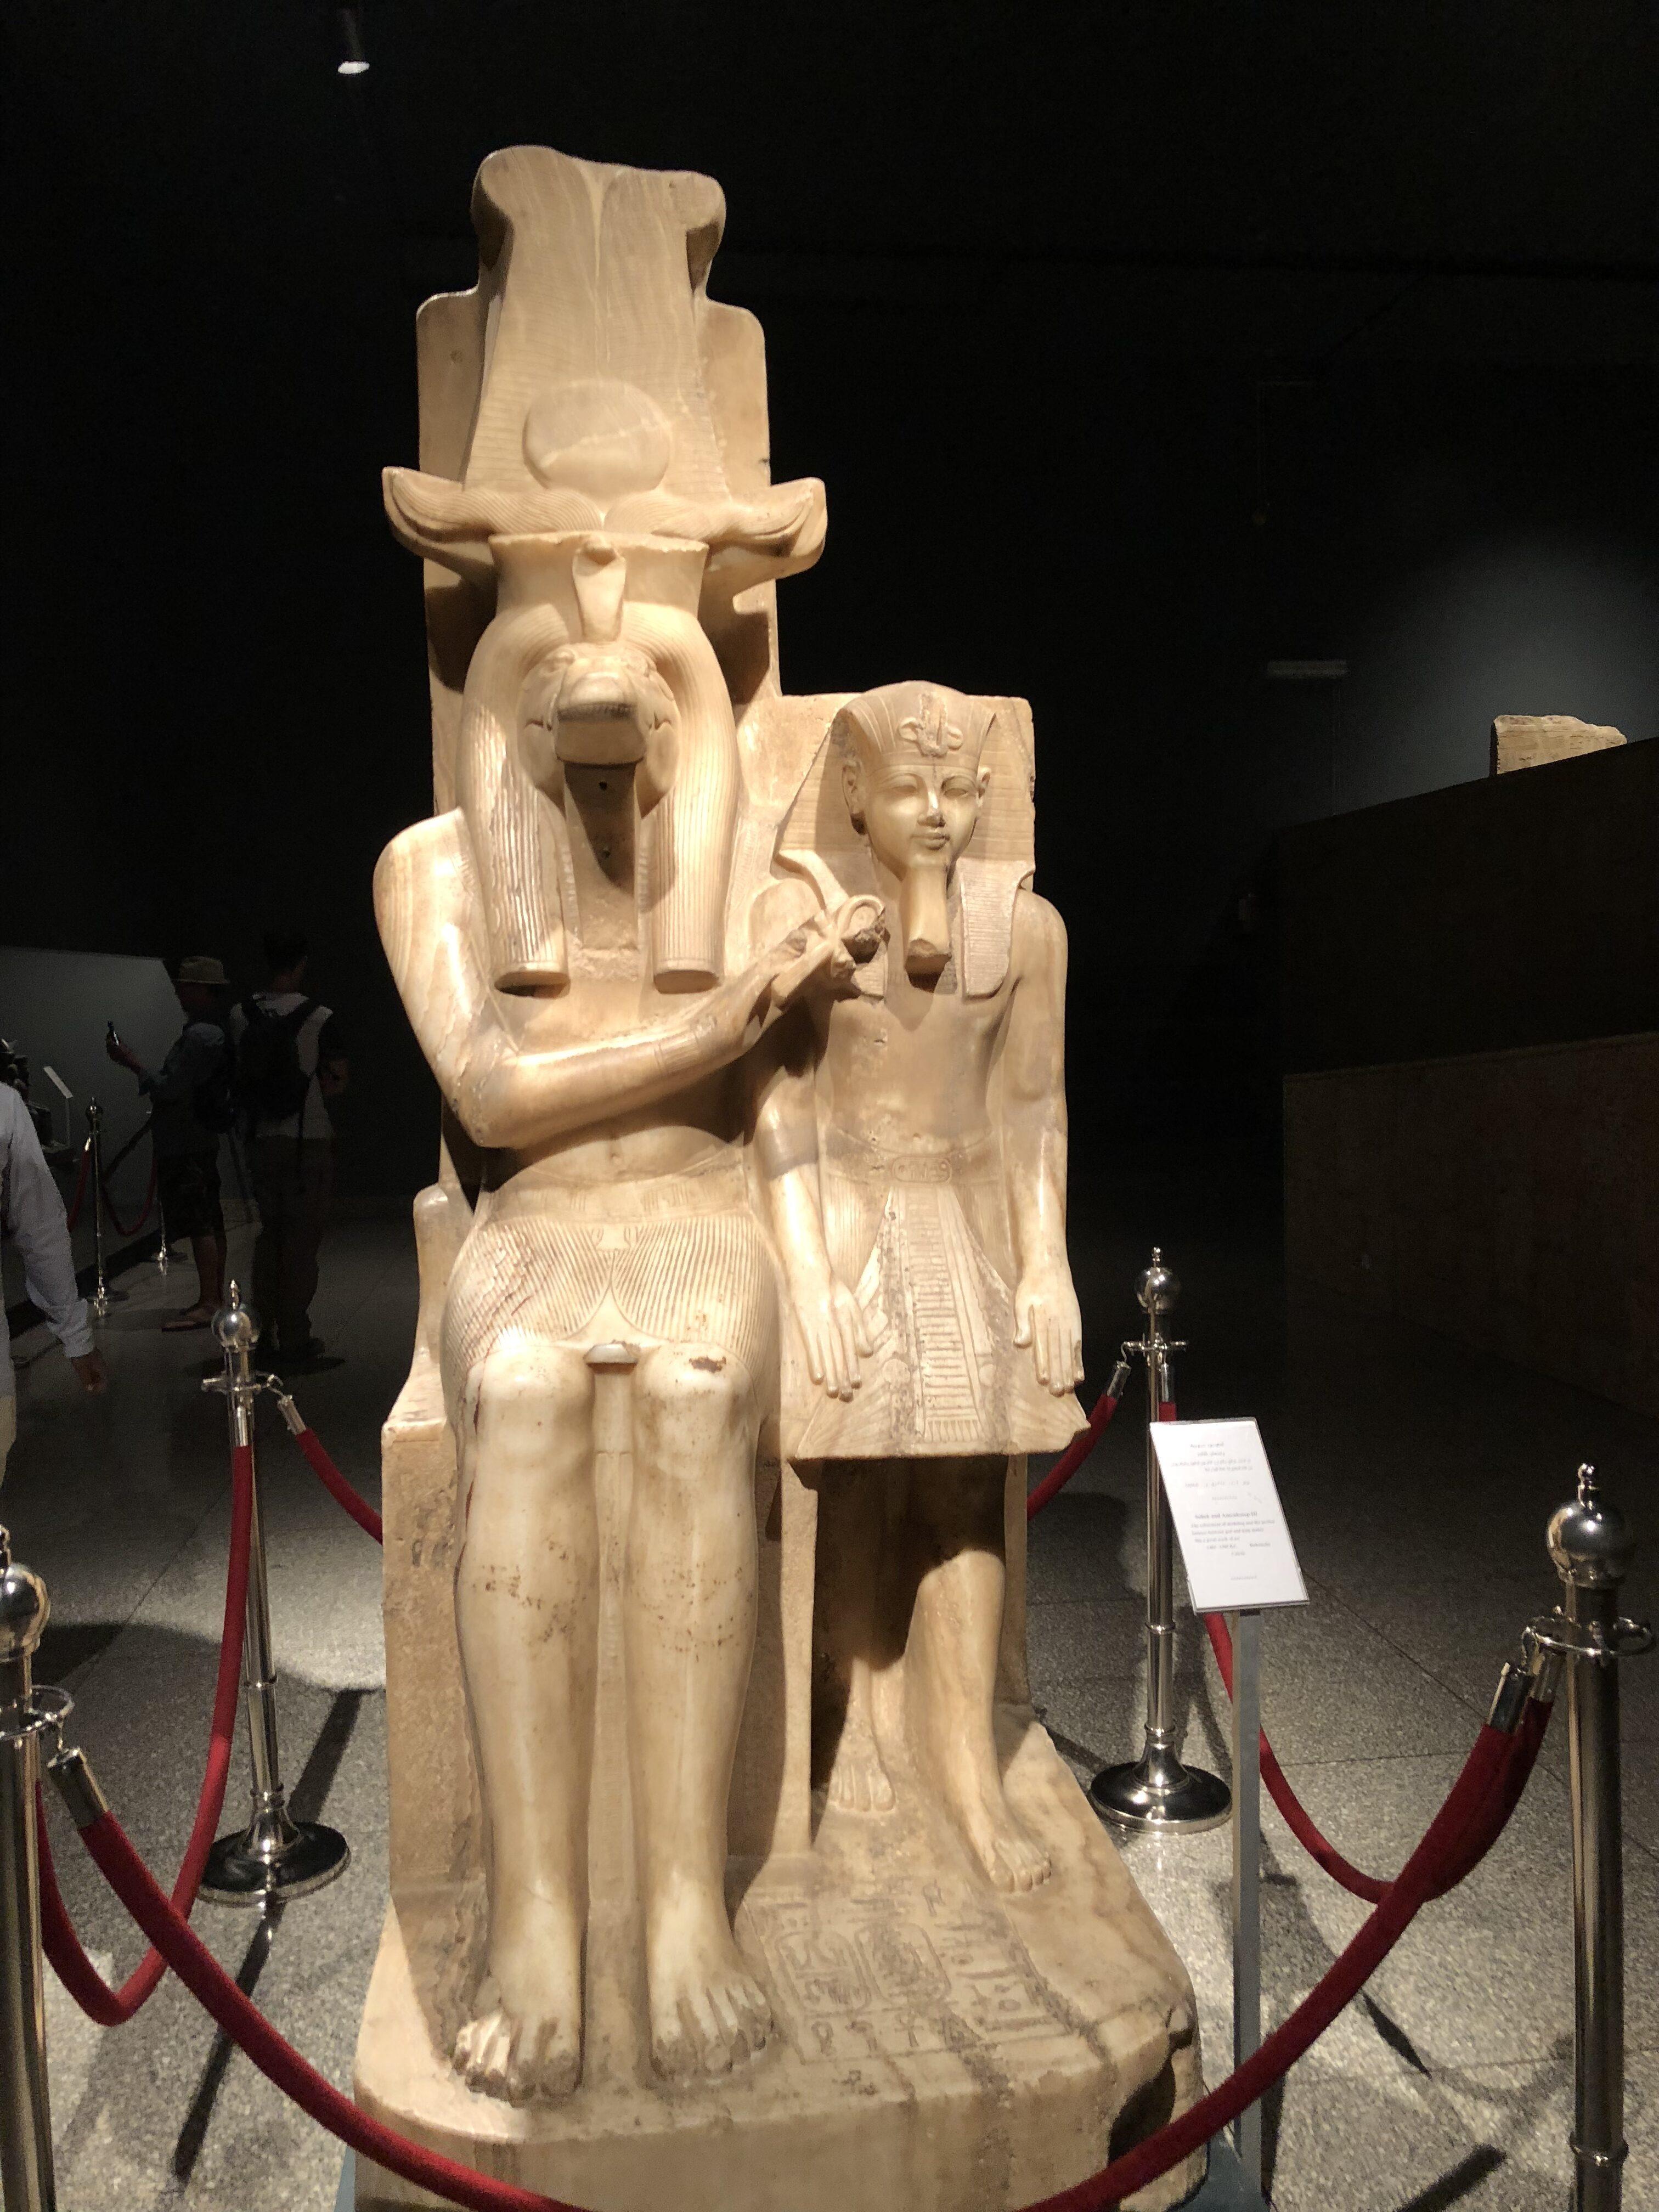 Sobek and Amenhotep III